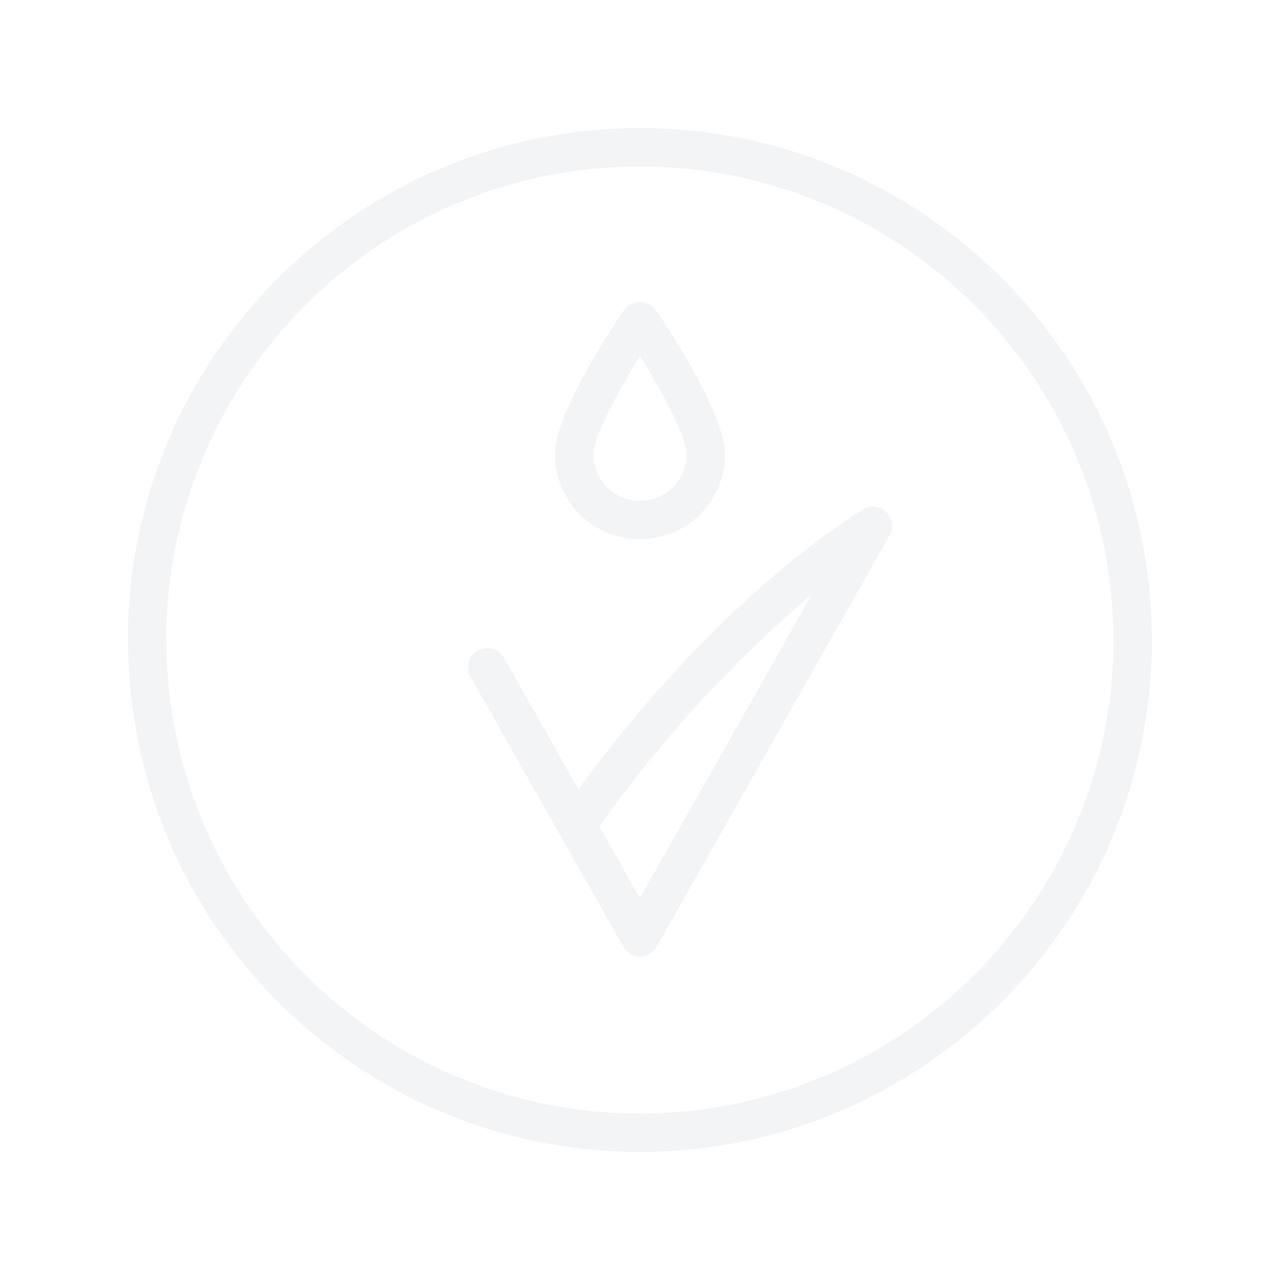 L'Oreal Infallible 24H Matte Powder No.160 9g